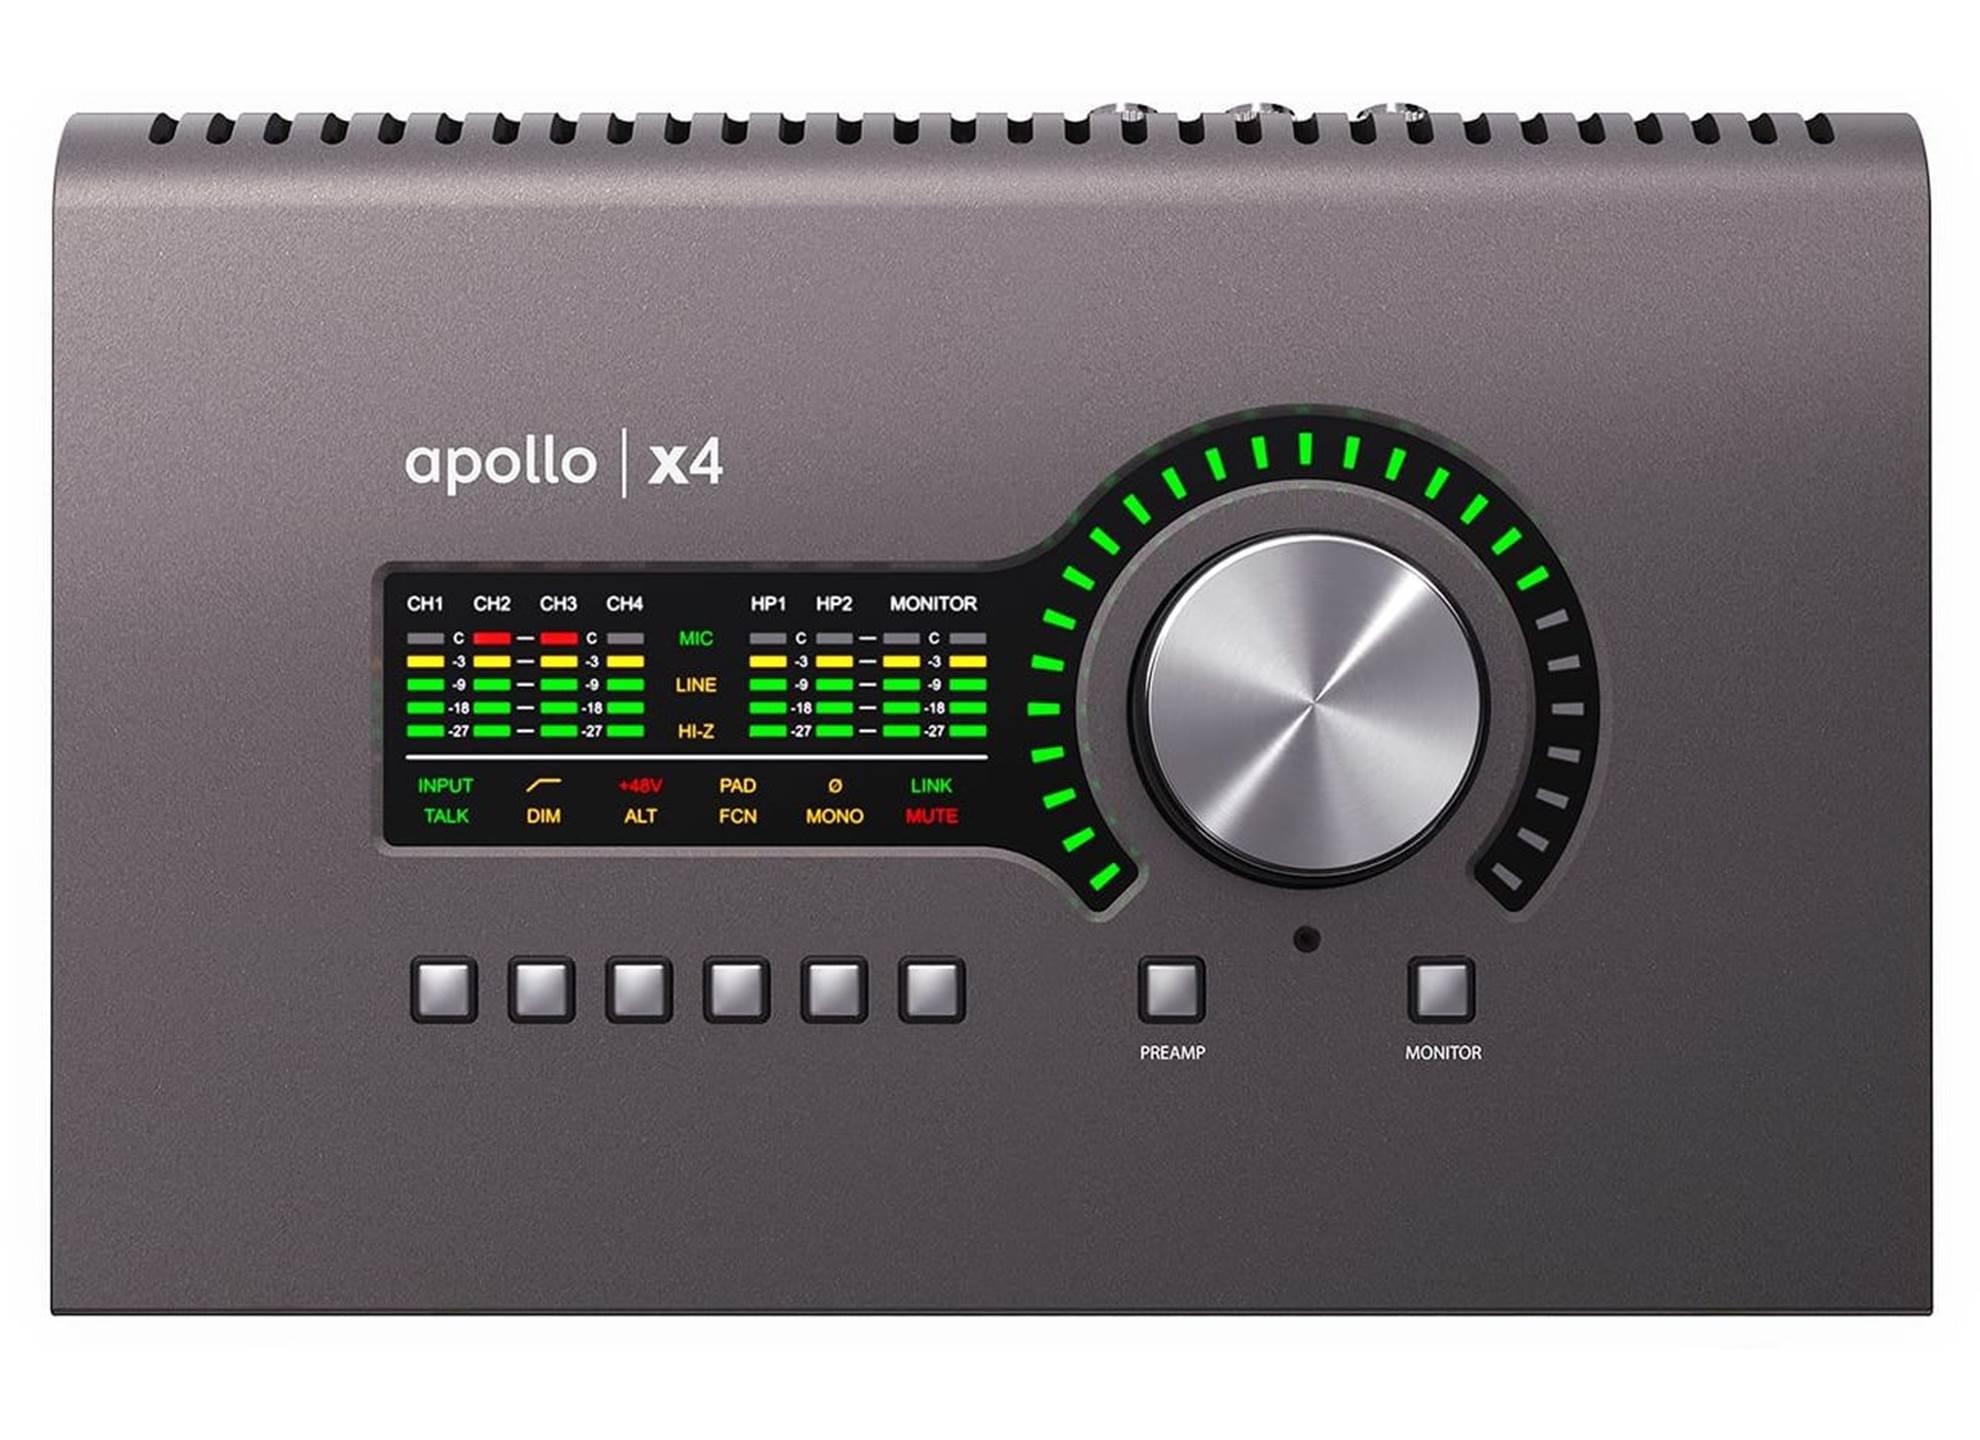 Apollo x4